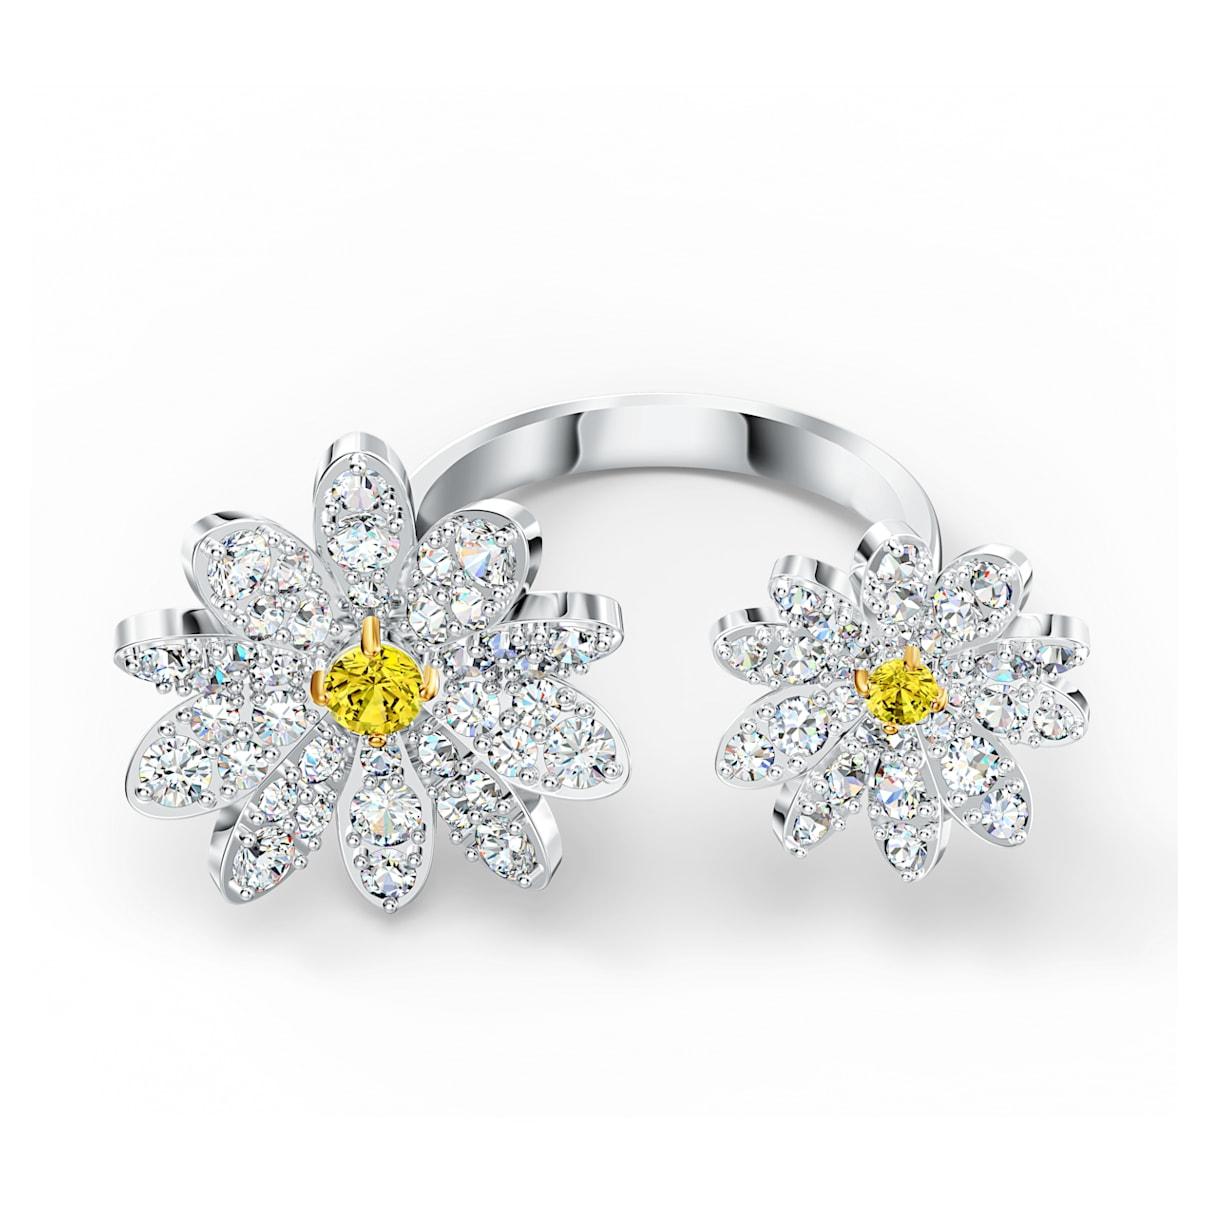 Anello aperto Eternal Flower, giallo, mix di placcature